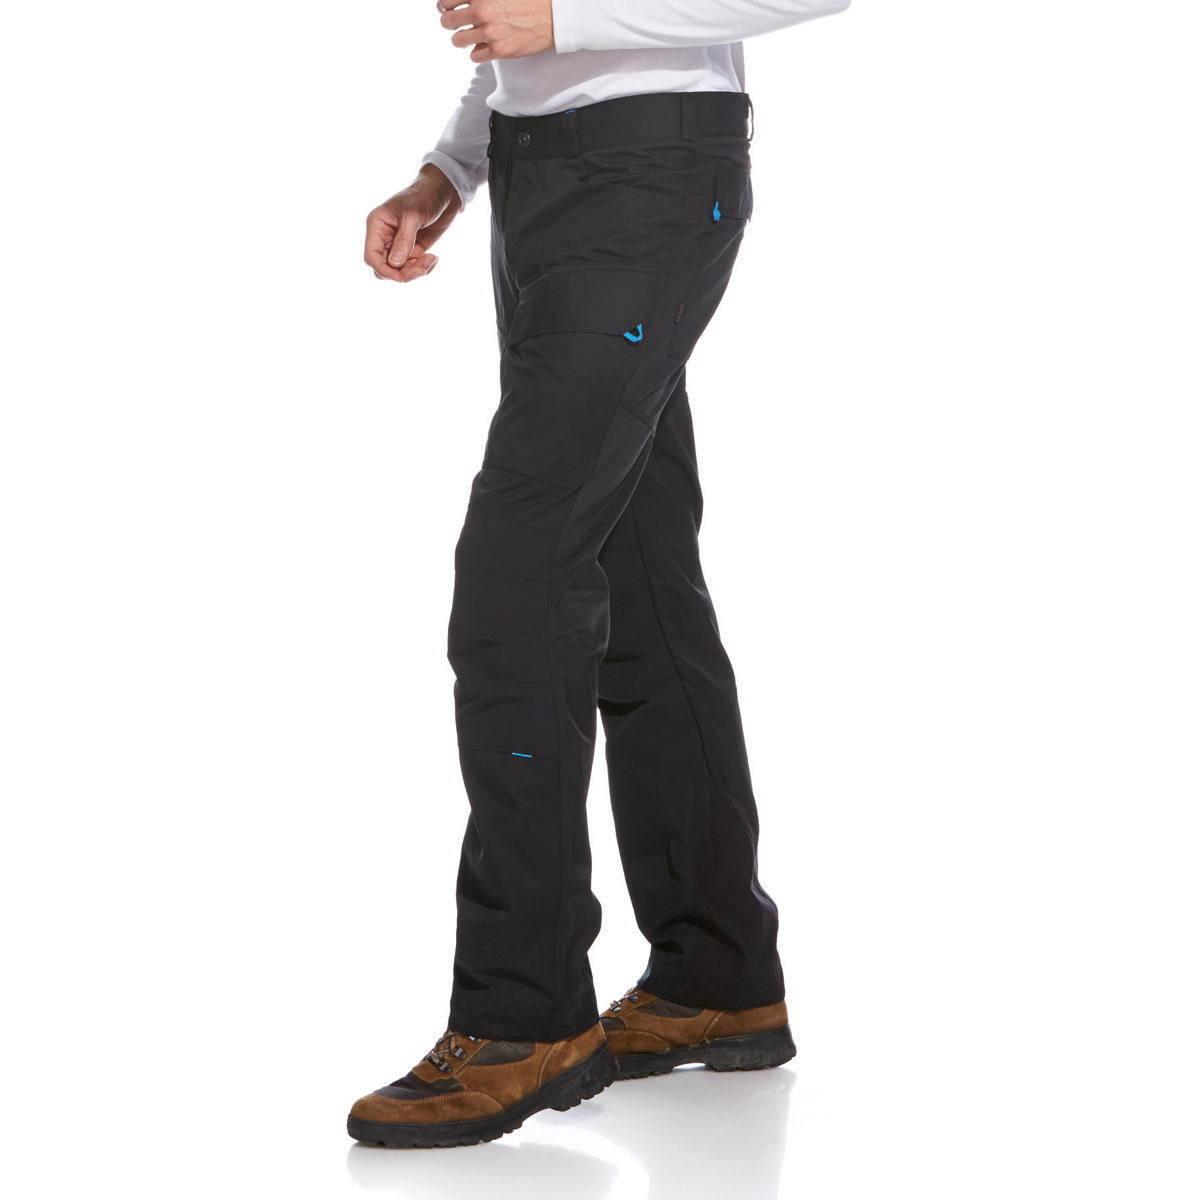 Tatonka Gründale M's Pants Gr.56 Trekking Outdoor Wander Hose Hose Hose schwarz NEU bf3c9d